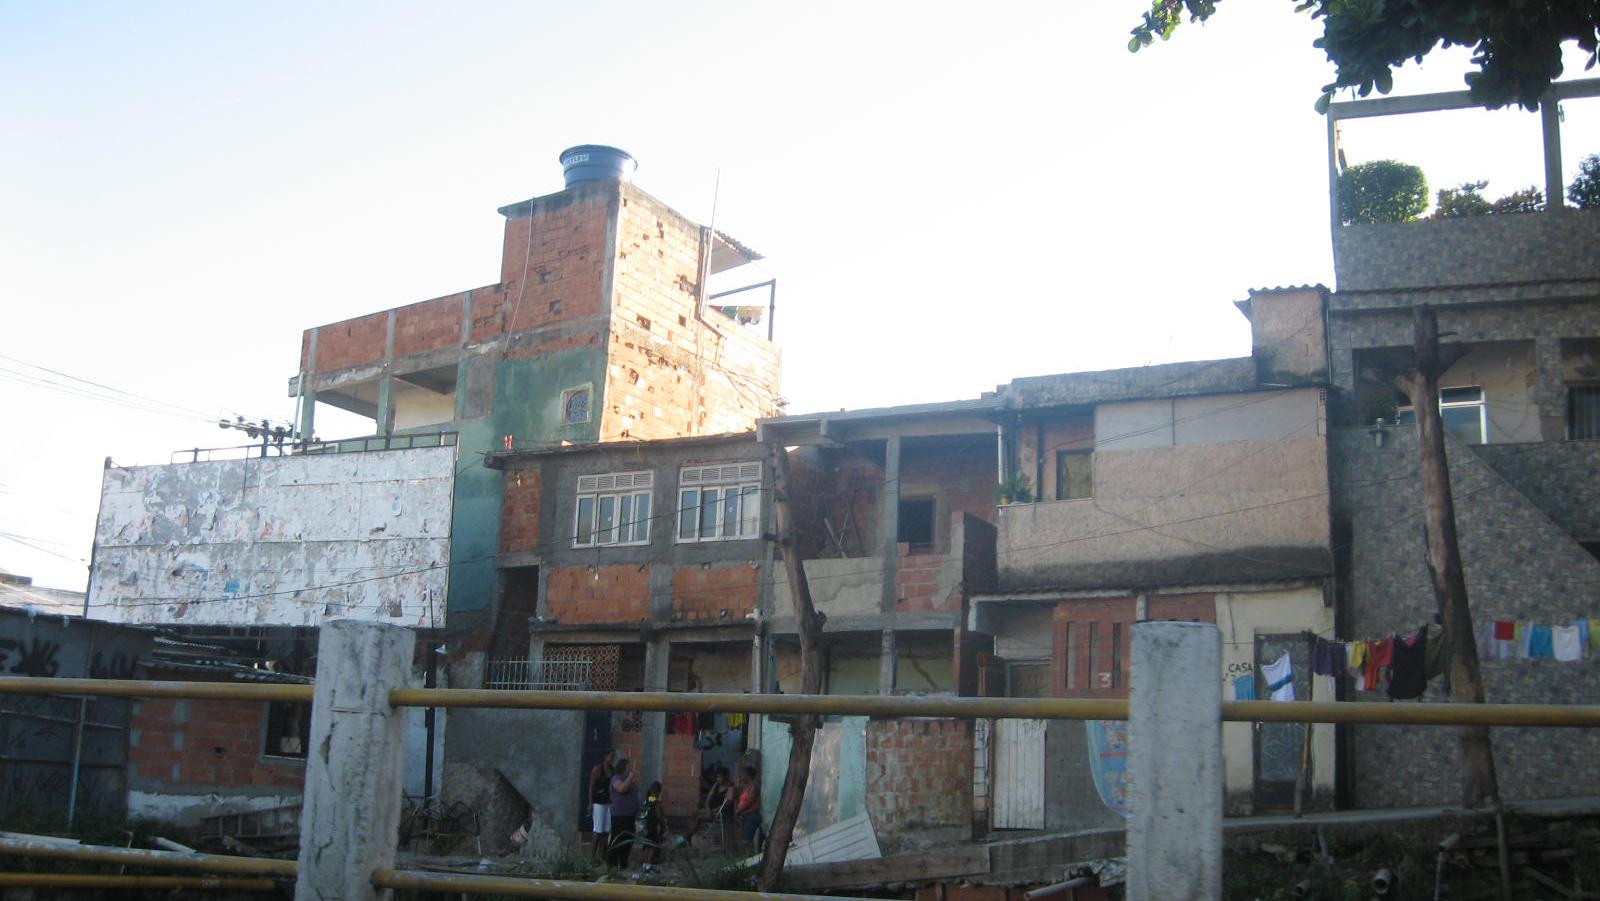 Casas na favela do Jacarezinho, no Rio de Janeiro, Brasil